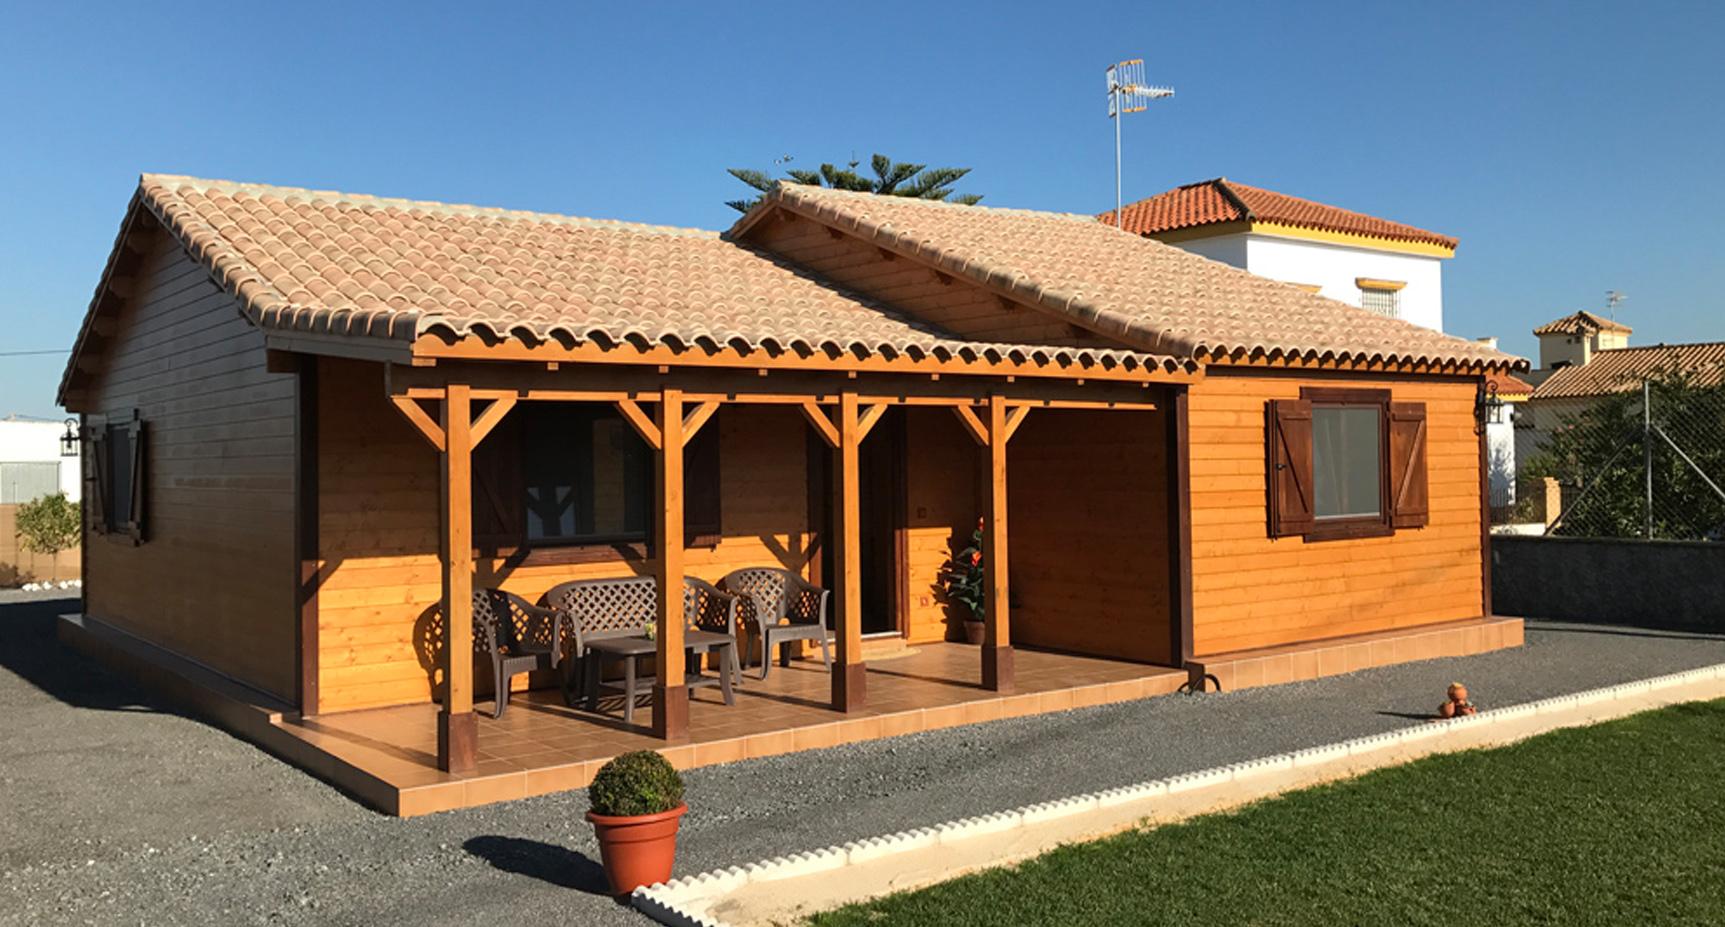 Rocio casas yustas - Casas de madera de una planta ...